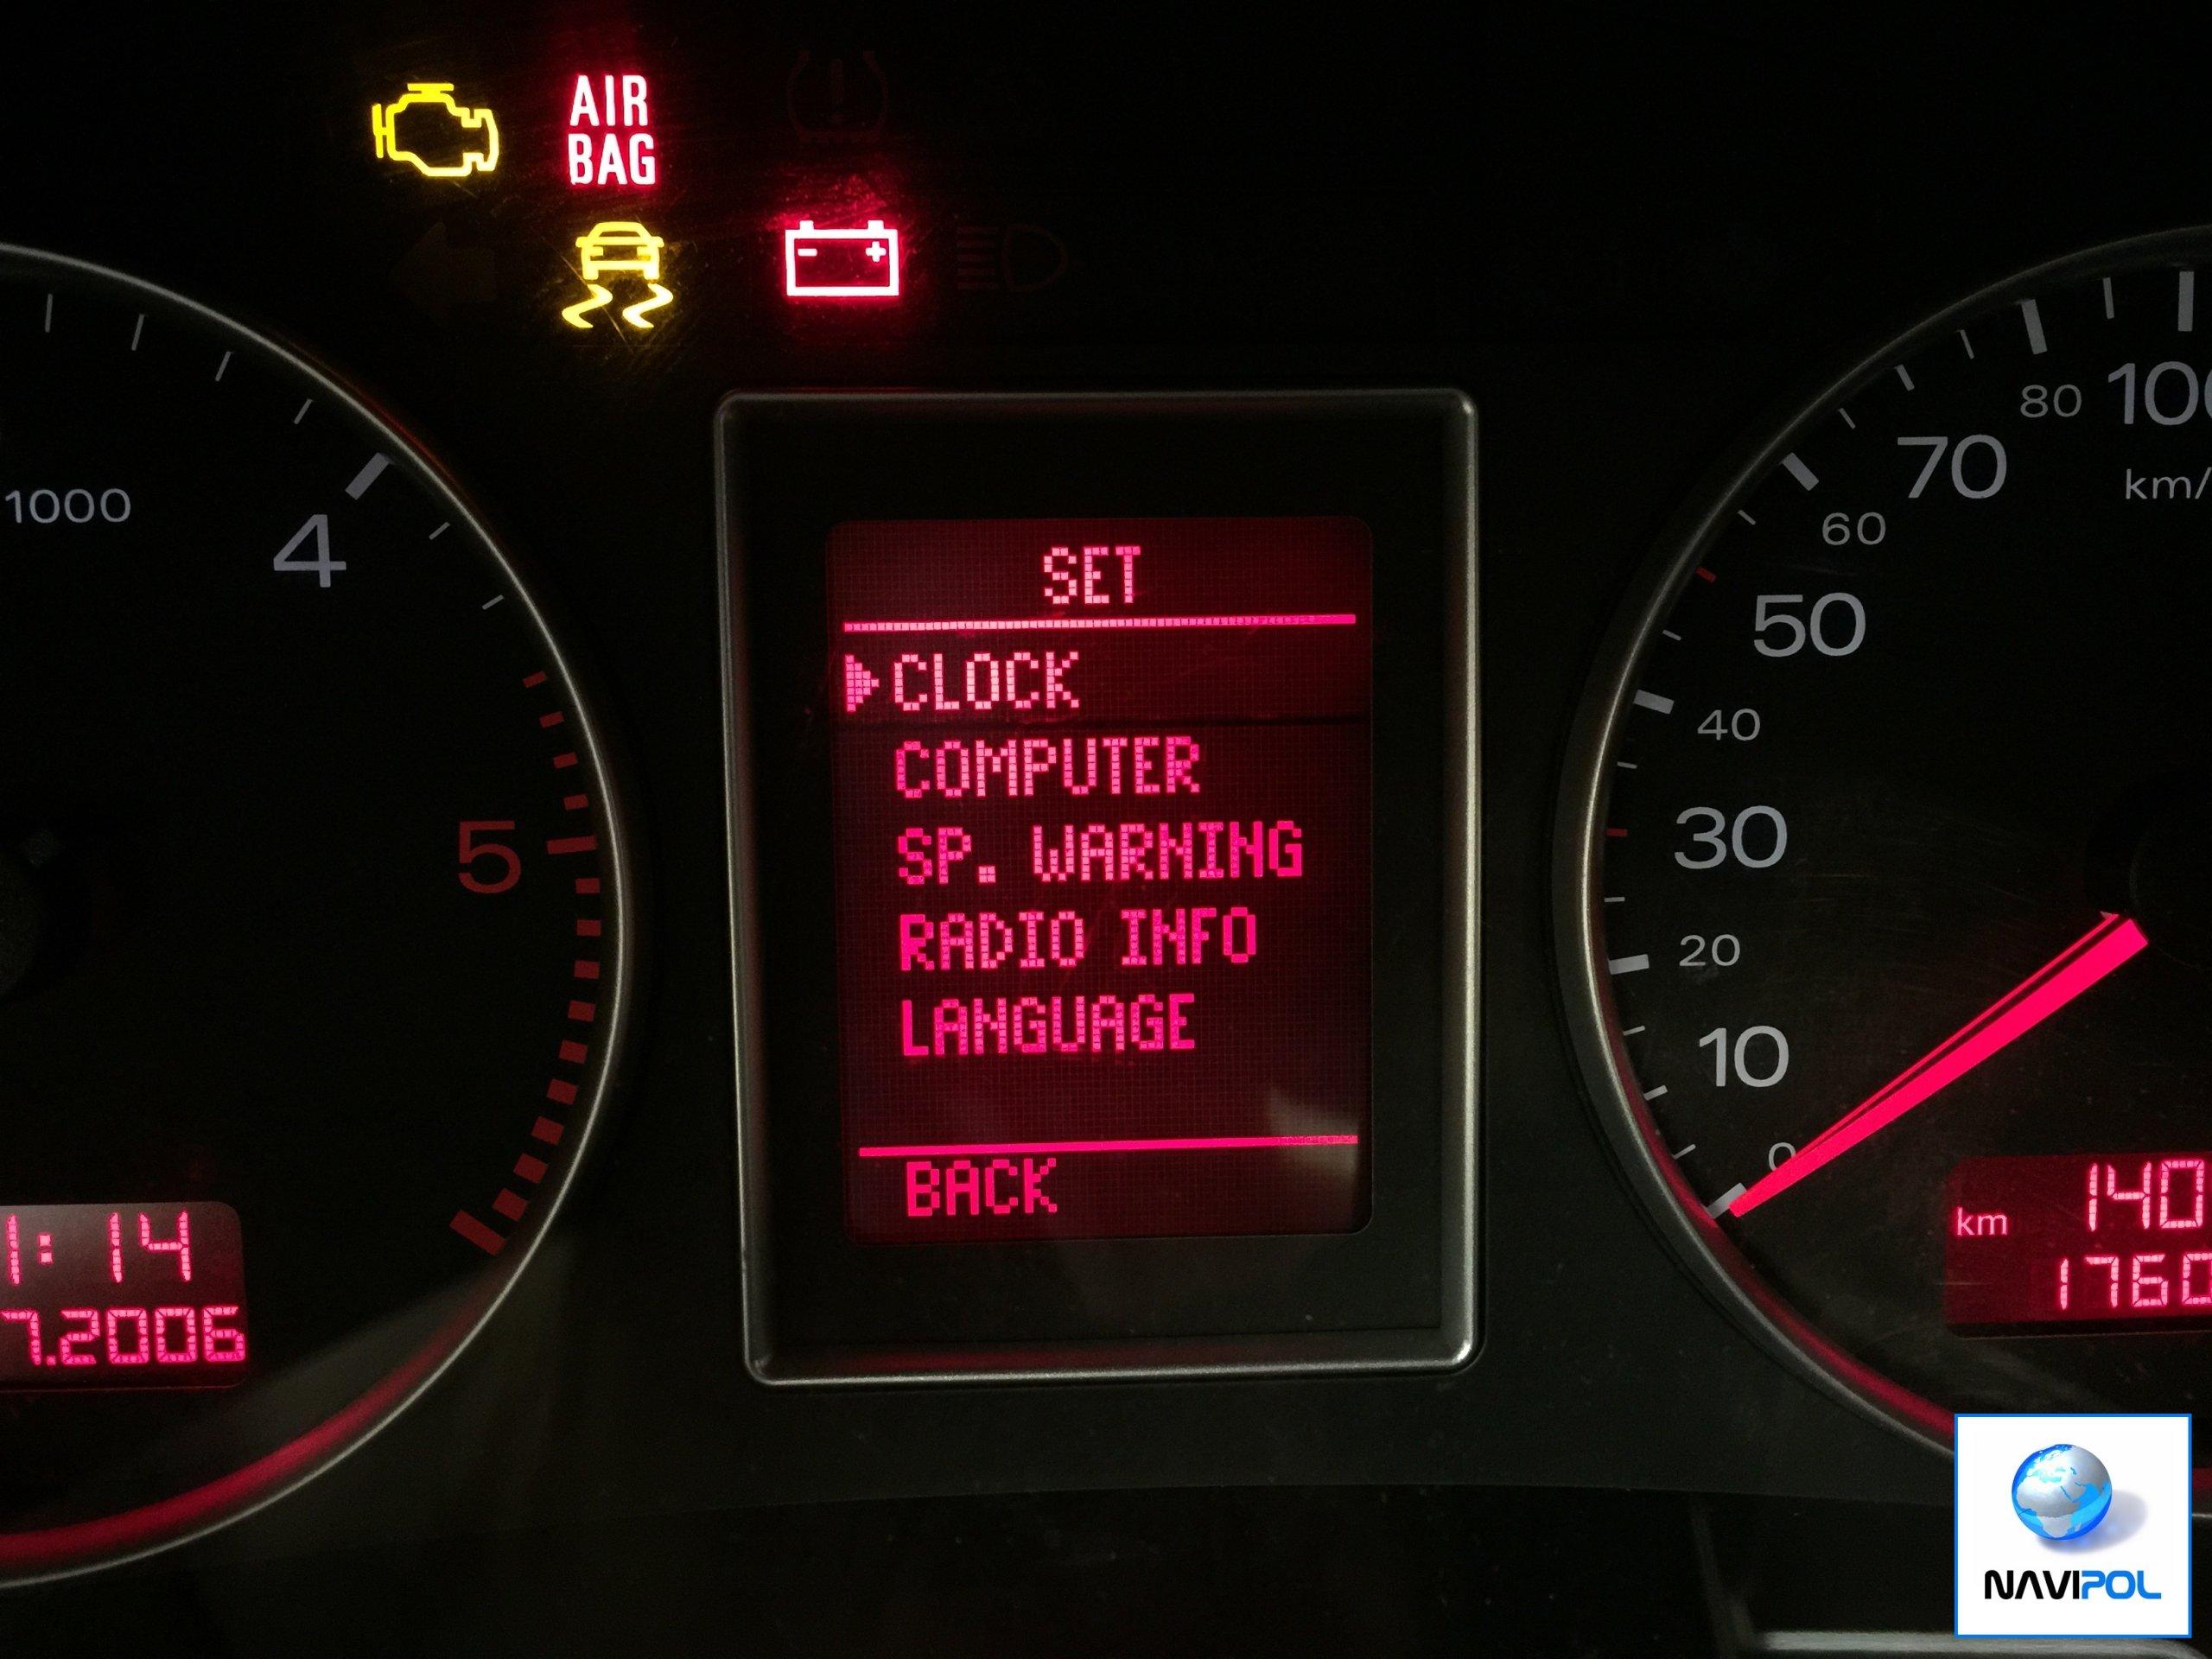 Komputer Pełny Fis Audi A4 B6 B7 A6 C6 6788240737 Oficjalne